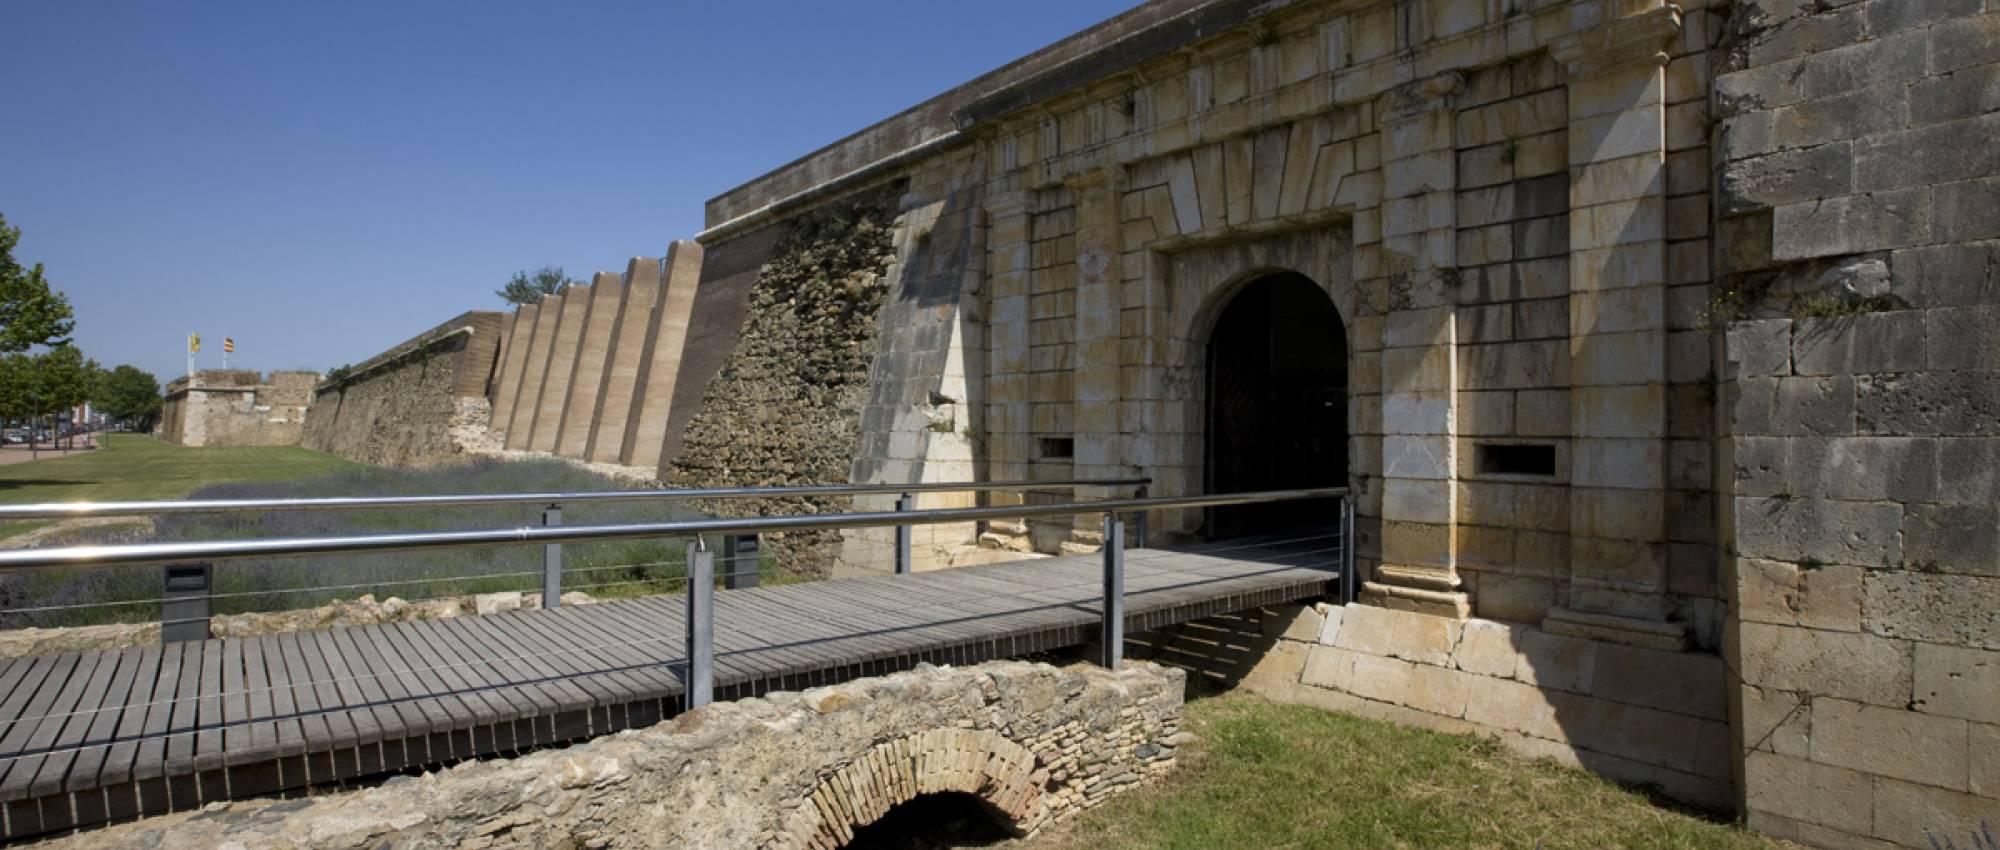 La Fundació AGBAR aporta 15.000 € a la Càtedra Roses d'Arqueologia i Patrimoni Arqueològic